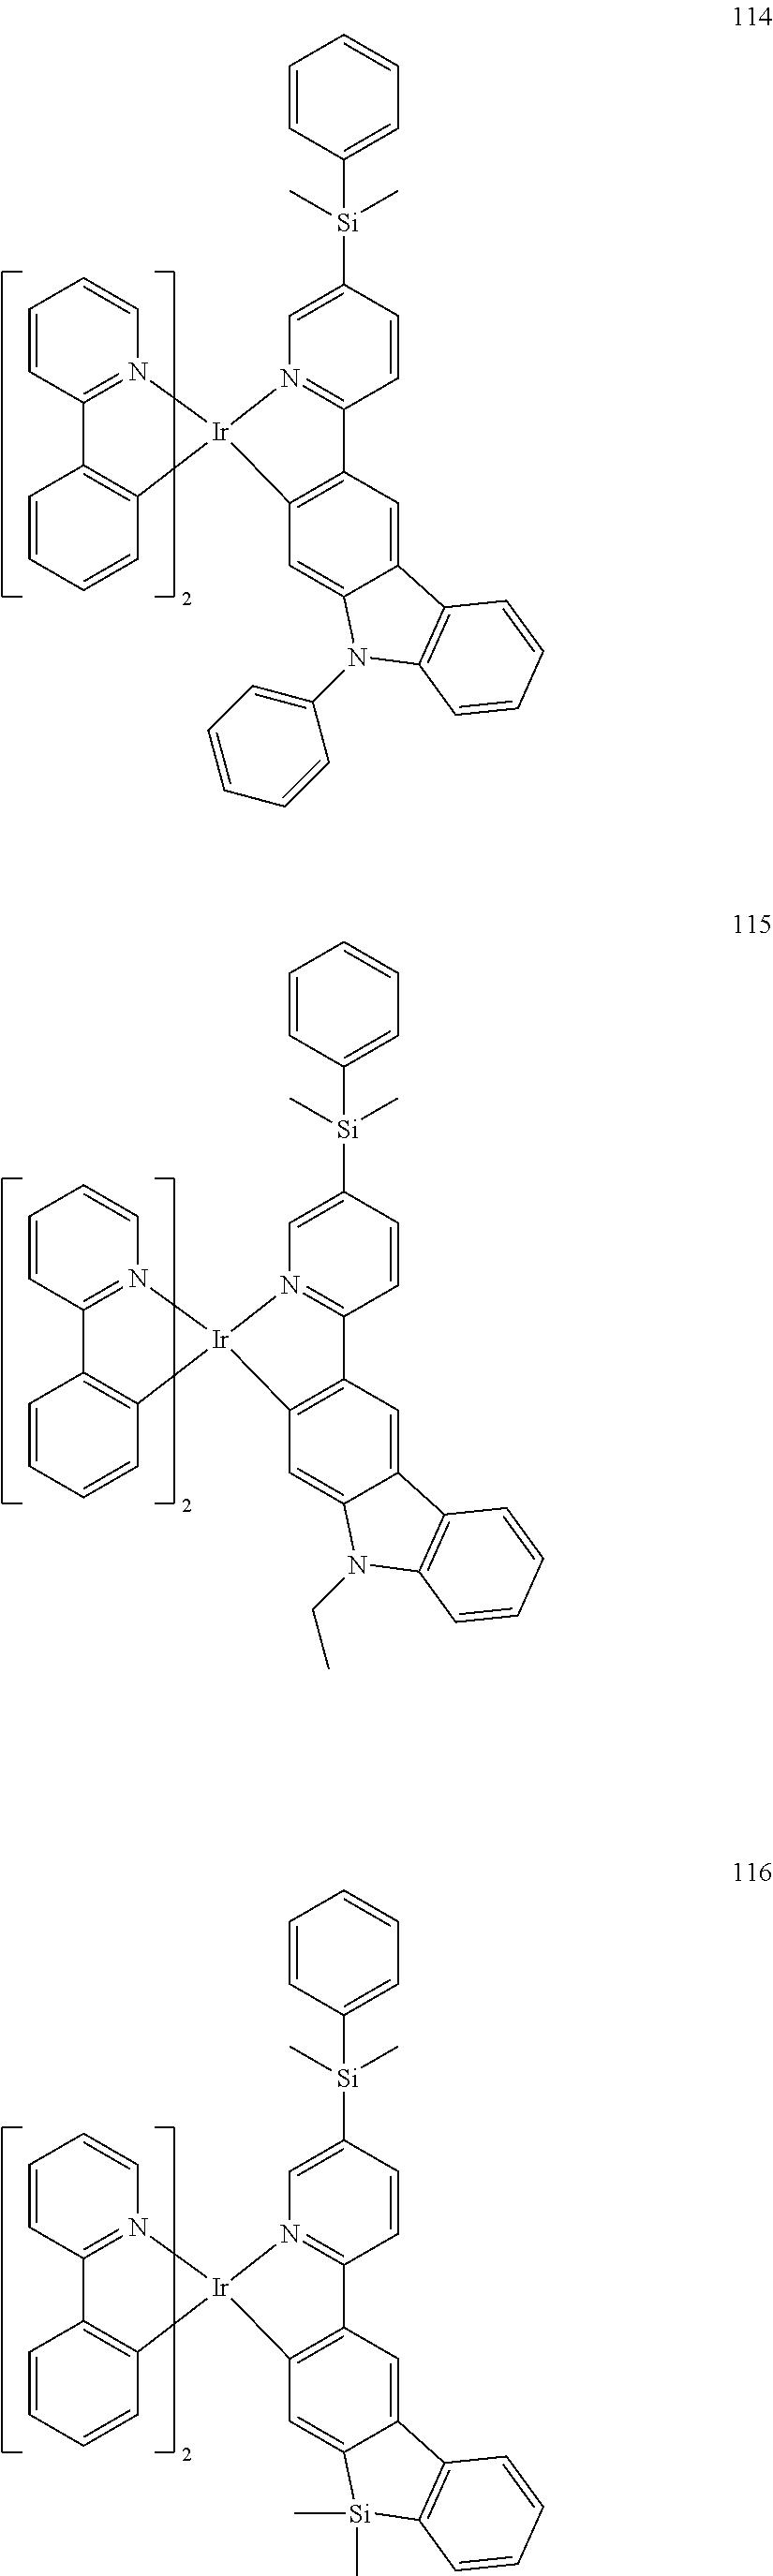 Figure US20160155962A1-20160602-C00362